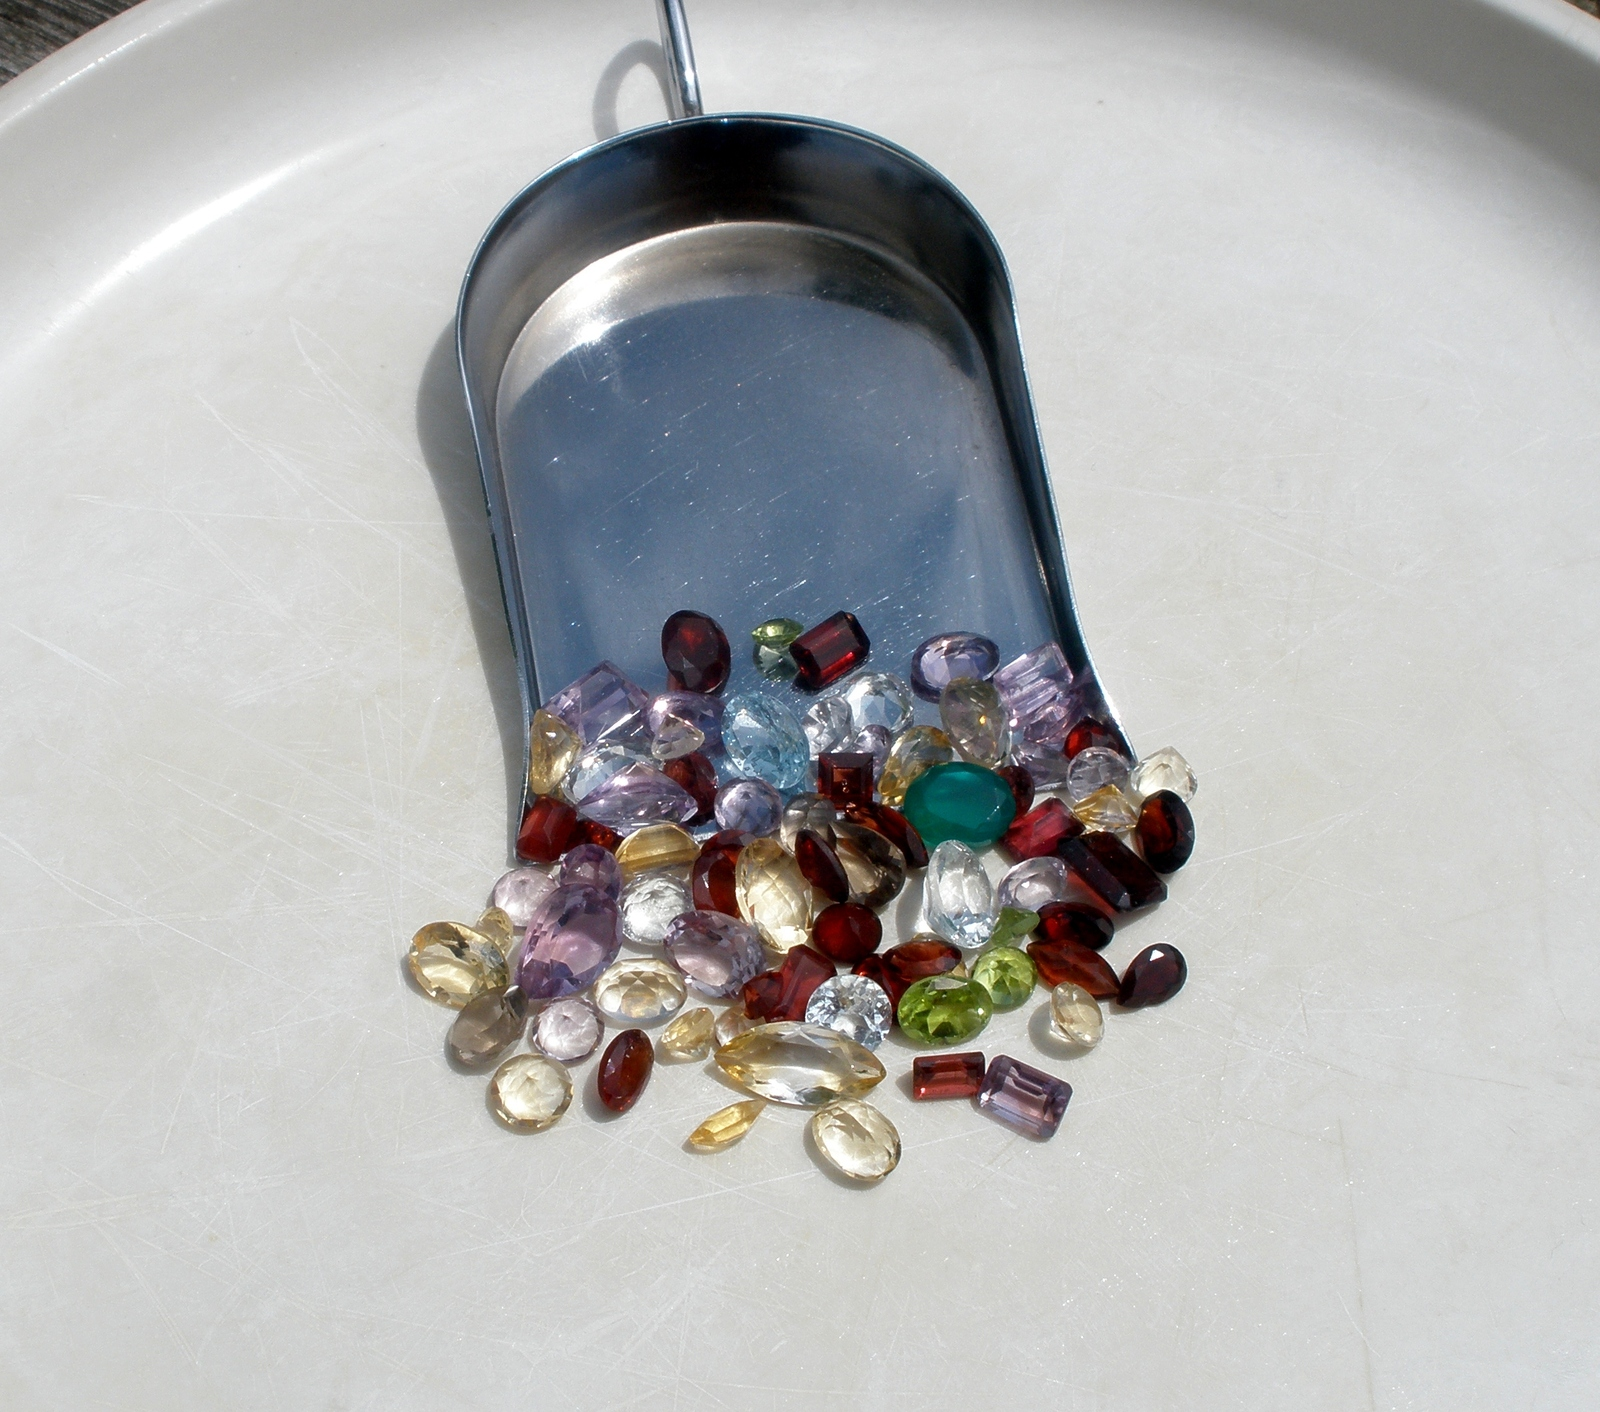 over 50 carats of loose gem mix